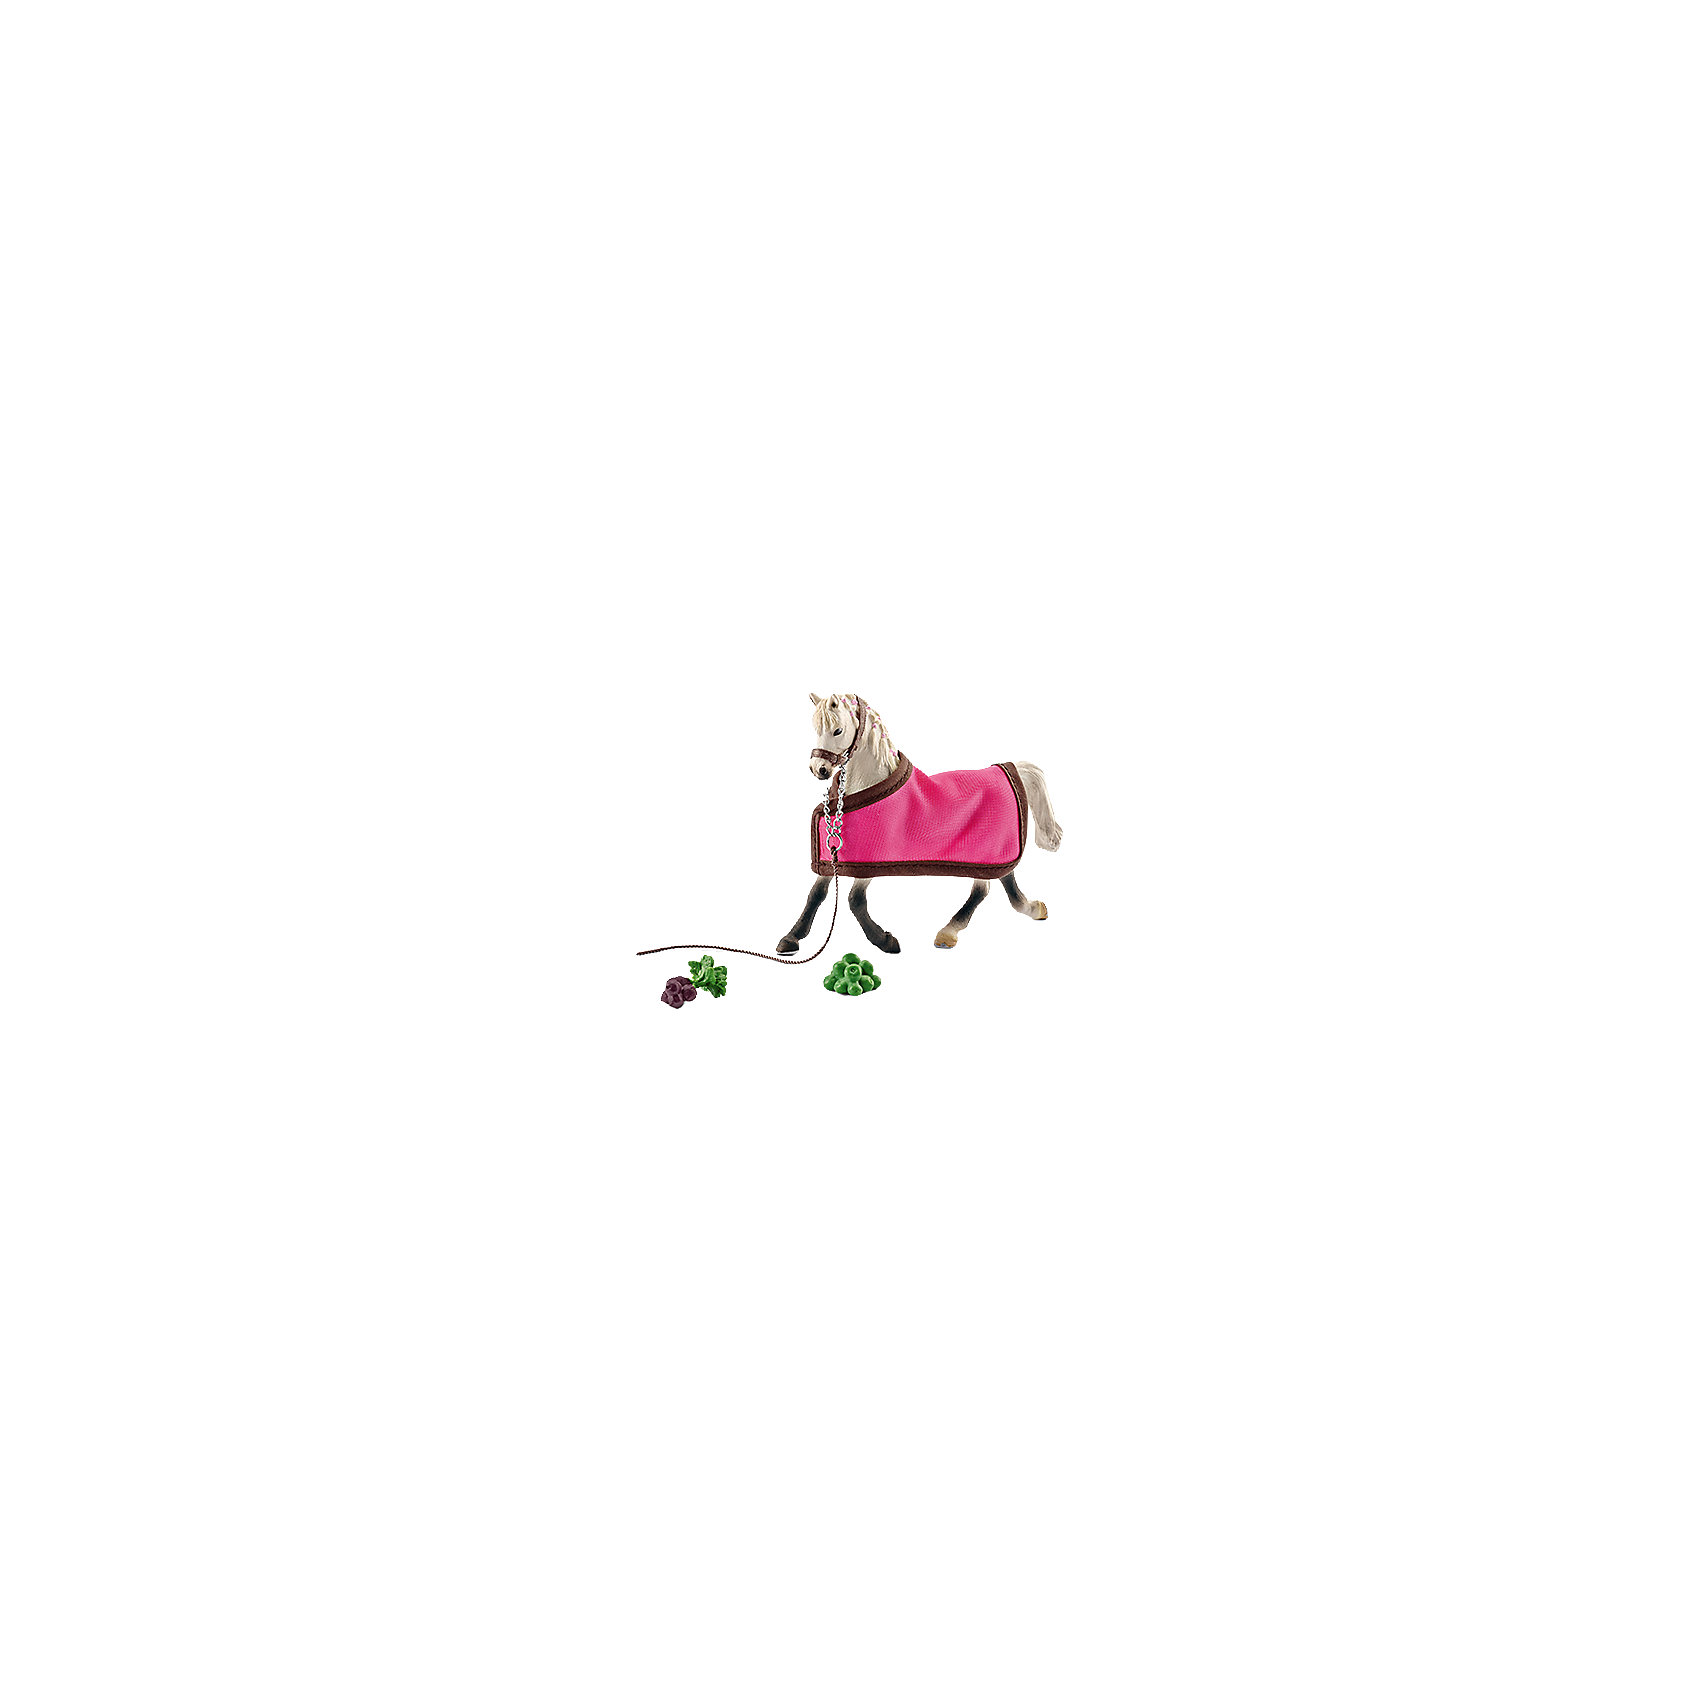 Арабская кобыла с покрывалом, SchleichАрабская кобыла с накидкой, Schleich (Шляйх) – это высококачественная коллекционная и игровая фигурка.<br><br>Прекрасная фигурка белоснежной Арабской кобылы с накидкой станет прекрасным приобретением для ценителей фигурок лошадей.<br>Порода Арабских лошадей была выведена в Аравии. Порода отличается выносливостью, прекрасно поддается дрессировке. Раньше Арабская лошадь использовалась, прежде всего, как орудие войны. Лучшие боевые кобылы демонстрировали в бою выносливость и, как правило, никогда не продавались, а только могли быть преподнесены в качестве особо ценного подарка. Сейчас эта порода является самой популярной в мире и ежегодно завоевывает большое количество различных мировых наград.<br><br>В комплекте с фигуркой лошади есть яркая розовая накидка и муляжи фруктов и овощей для подкрепления сил перед скачками.<br><br>Прекрасно выполненные фигурки Schleich (Шляйх) являются максимально точной копией настоящих животных и отличаются высочайшим качеством игрушек ручной работы. Каждая фигурка разработана с учетом исследований в области педагогики.<br>Фигурка Арабской кобылы прекрасно разнообразит игру вашего ребенка и станет отличным пополнением коллекции его фигурок животных.<br><br>Все фигурки сделаны из гипоаллергенных высокотехнологичных материалов, раскрашены вручную и не вызывают аллергии у ребенка.<br><br>Дополнительная информация:<br><br>- Размер фигурки: 3x12,4x9,9 см.<br>- Материал: высококачественный каучуковый пластик.<br>- Состав: Фигурка, накидка, муляжи фруктов и овощей.<br><br>Фигурку Арабской лошади с накидкой, Schleich (Шляйх) можно купить в нашем интернет-магазине.<br><br>Ширина мм: 194<br>Глубина мм: 175<br>Высота мм: 55<br>Вес г: 200<br>Возраст от месяцев: 36<br>Возраст до месяцев: 96<br>Пол: Женский<br>Возраст: Детский<br>SKU: 4394635